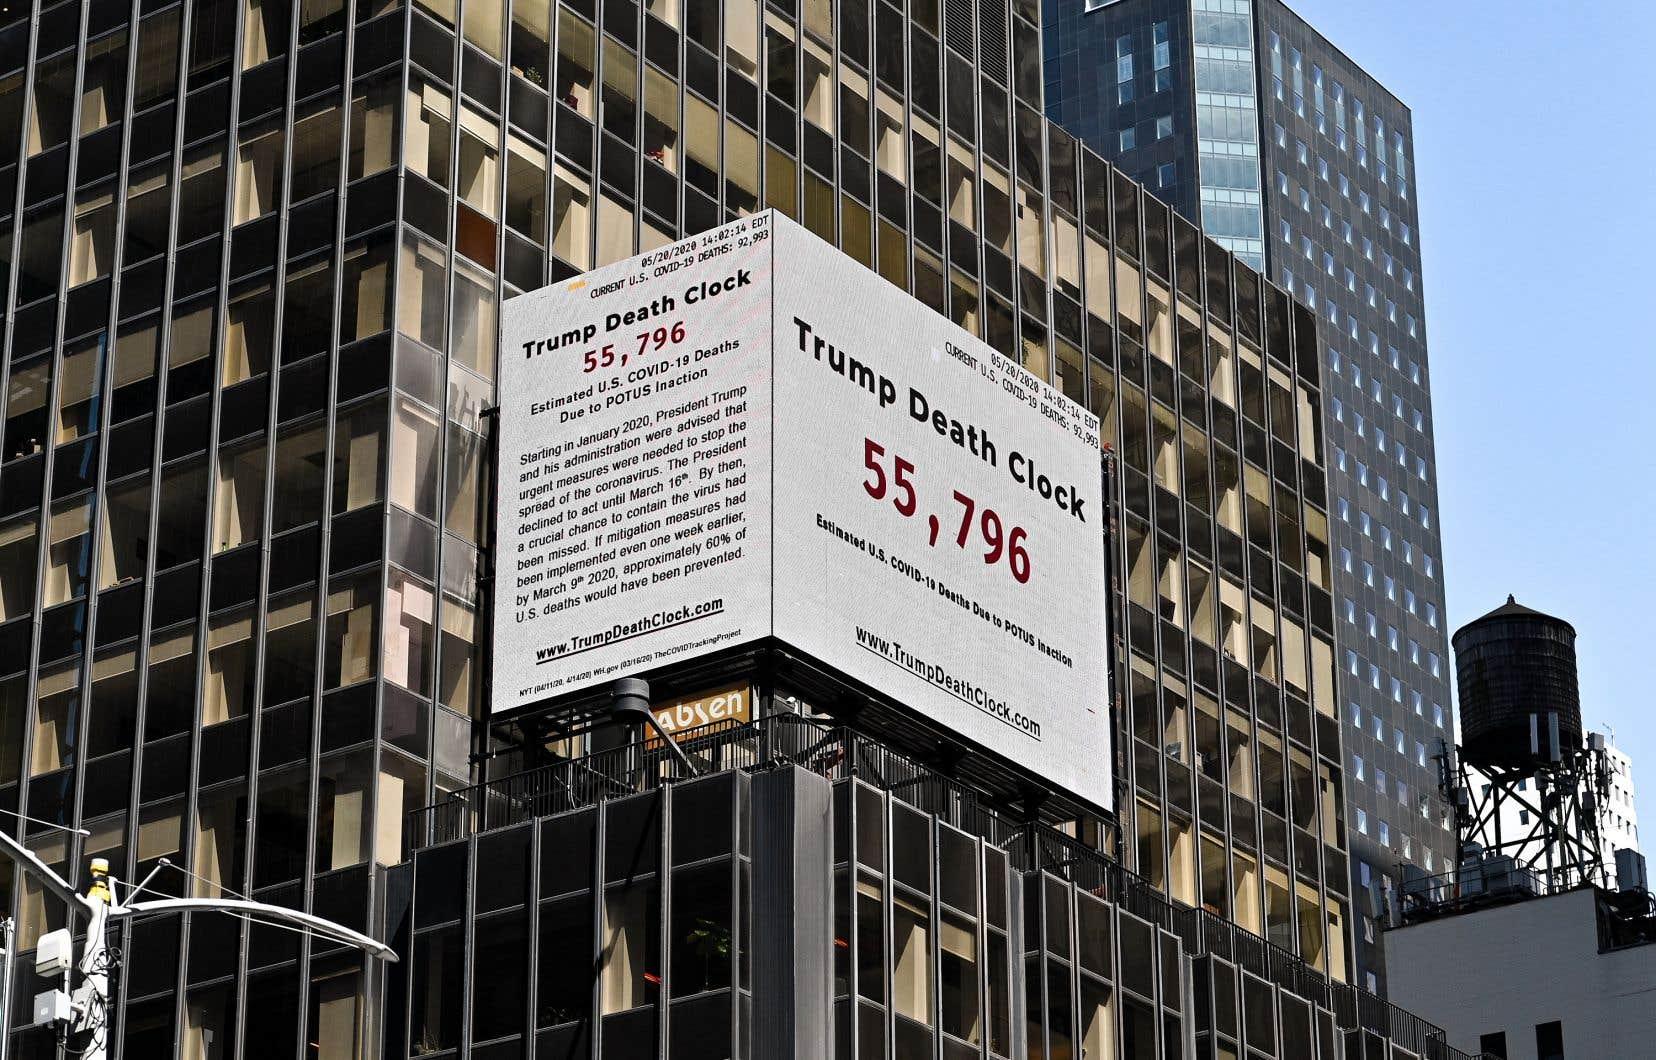 L'horloge de la mort, installée il y a 10 jours sur Times Square par Eugene Jarecki affiche des chiffres supérieurs à ceux des chercheurs de Columbia.